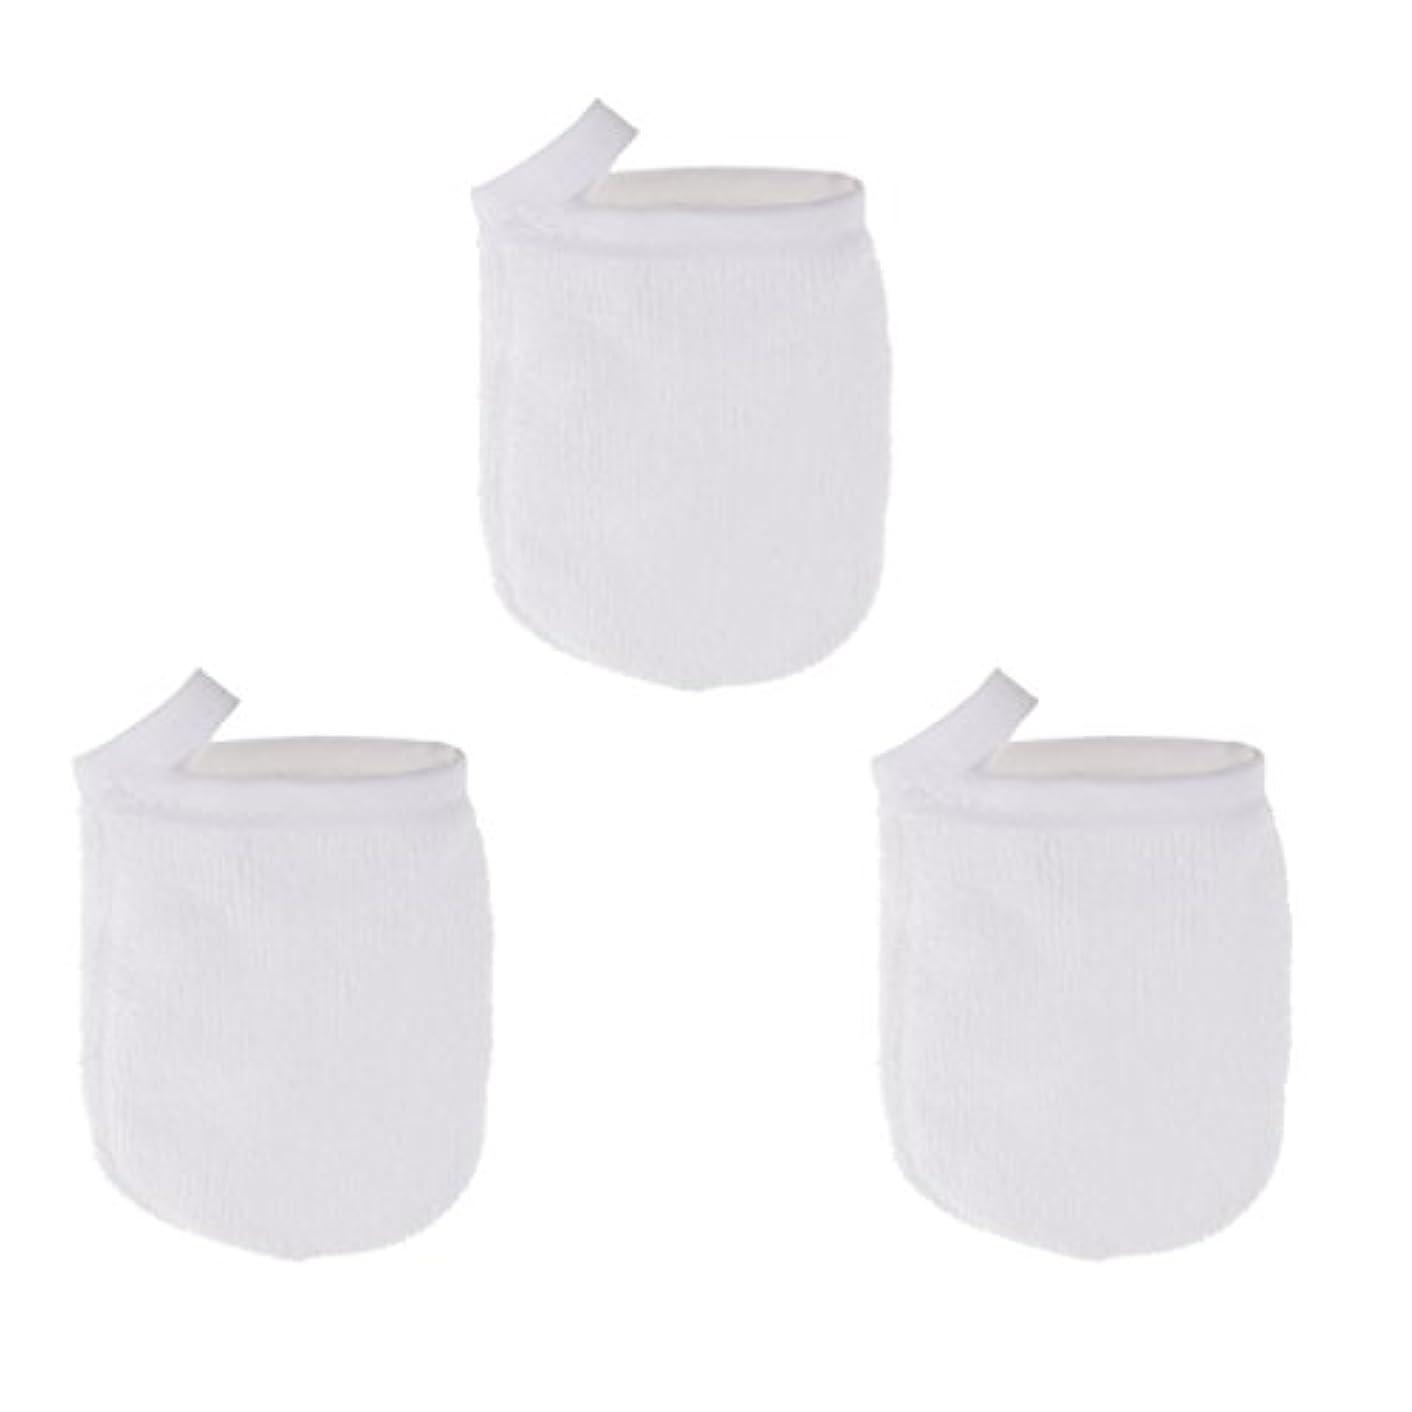 汚物または密度ソフト フェイスクレンジンググローブ メイクリムーバー クロスパッド 3個 洗顔グローブ 手袋